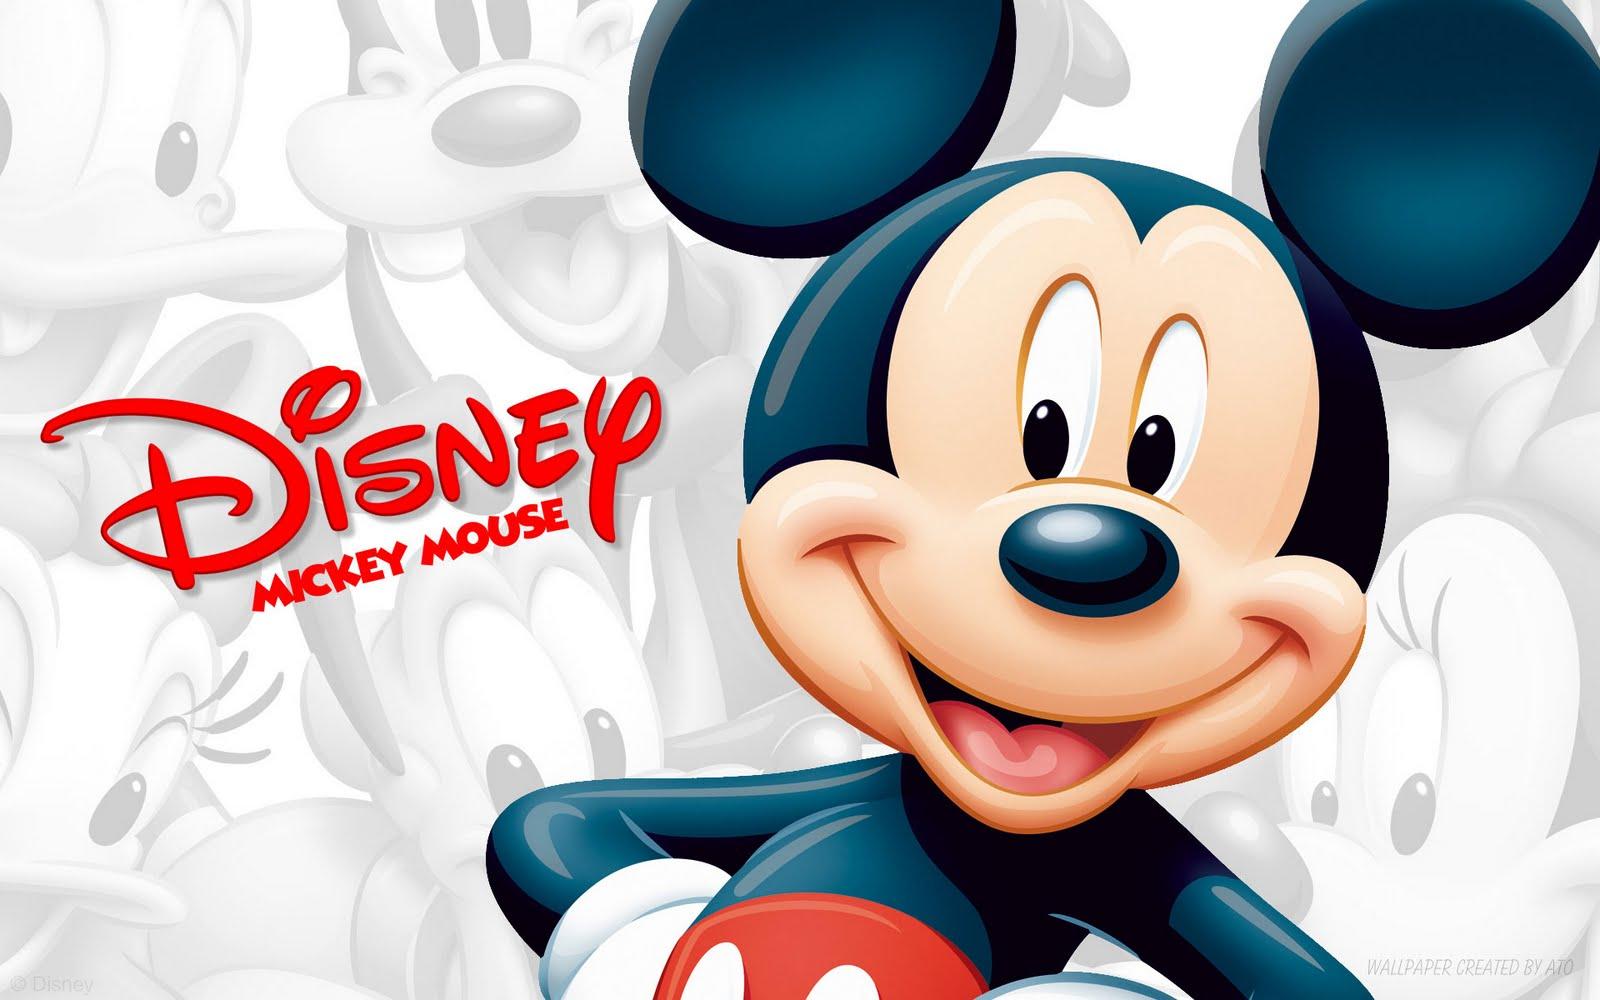 http://4.bp.blogspot.com/-JTy3W67R2-c/TmDsedjsJOI/AAAAAAAAA10/XAA1ocE0XS8/s1600/disney-mickey-mouse-HD_wallpapers.jpg